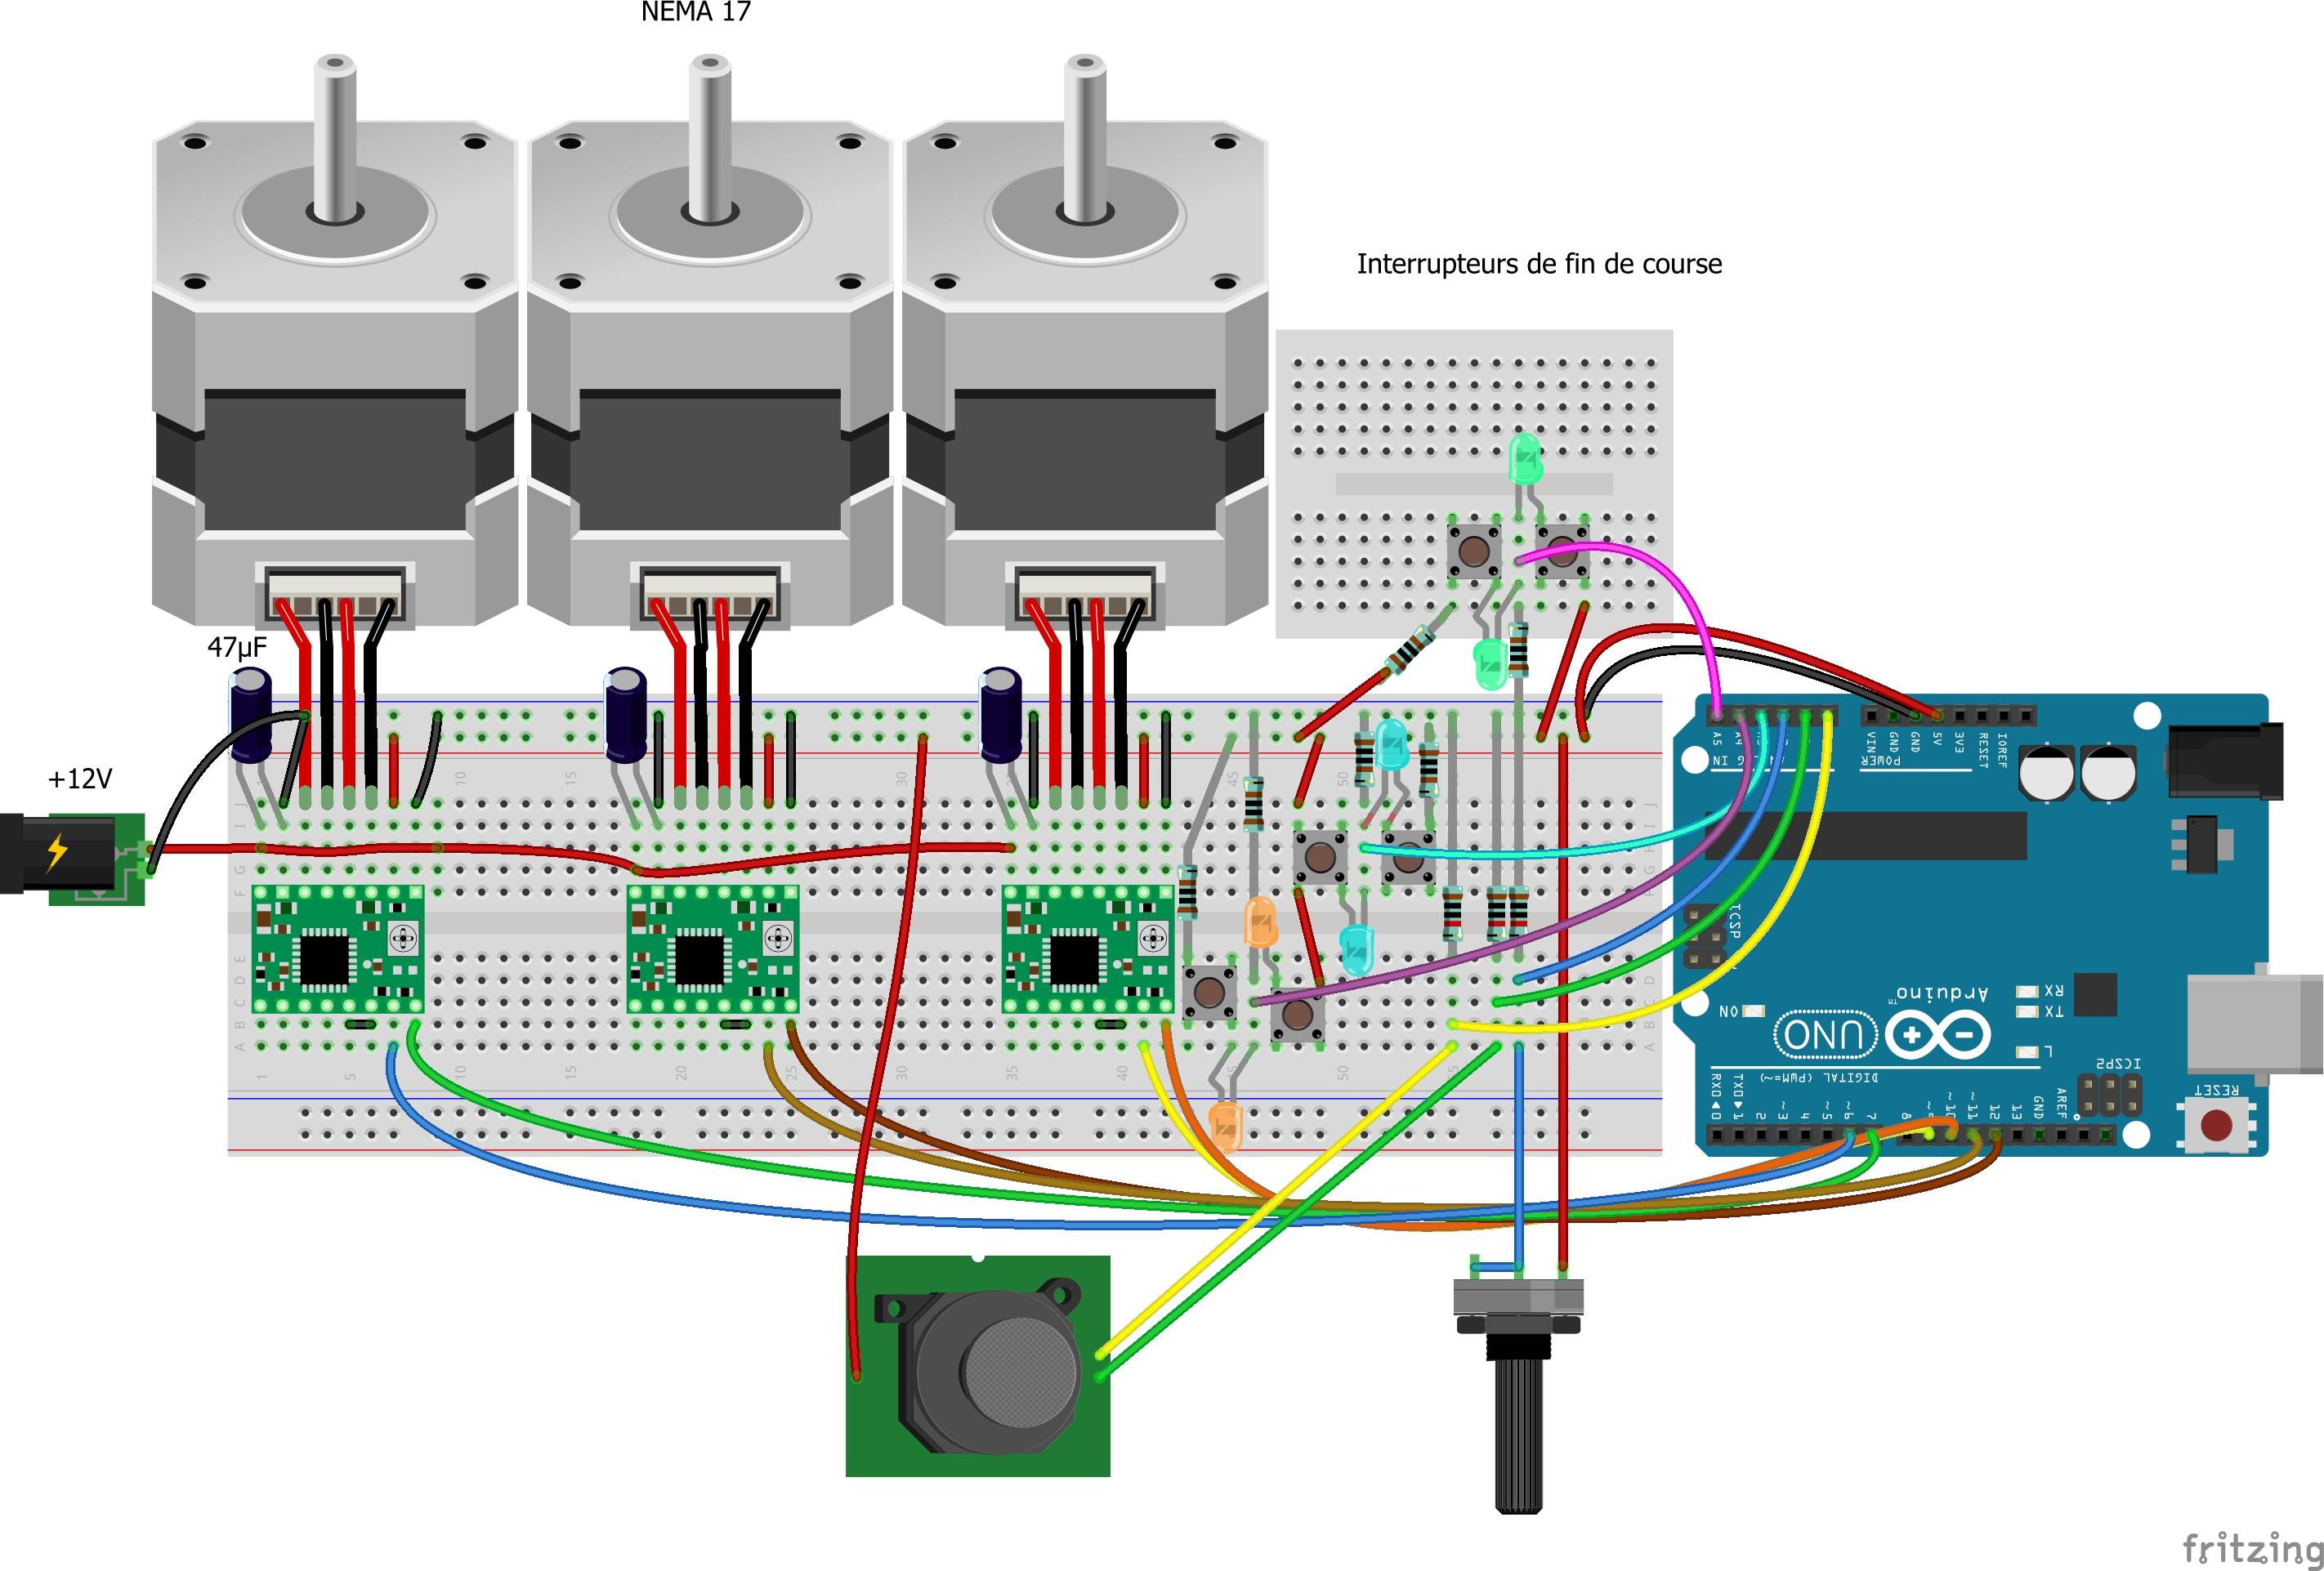 Nema 17 Wiring Diagram Cnc Libraries 23 Schematicsnema Library